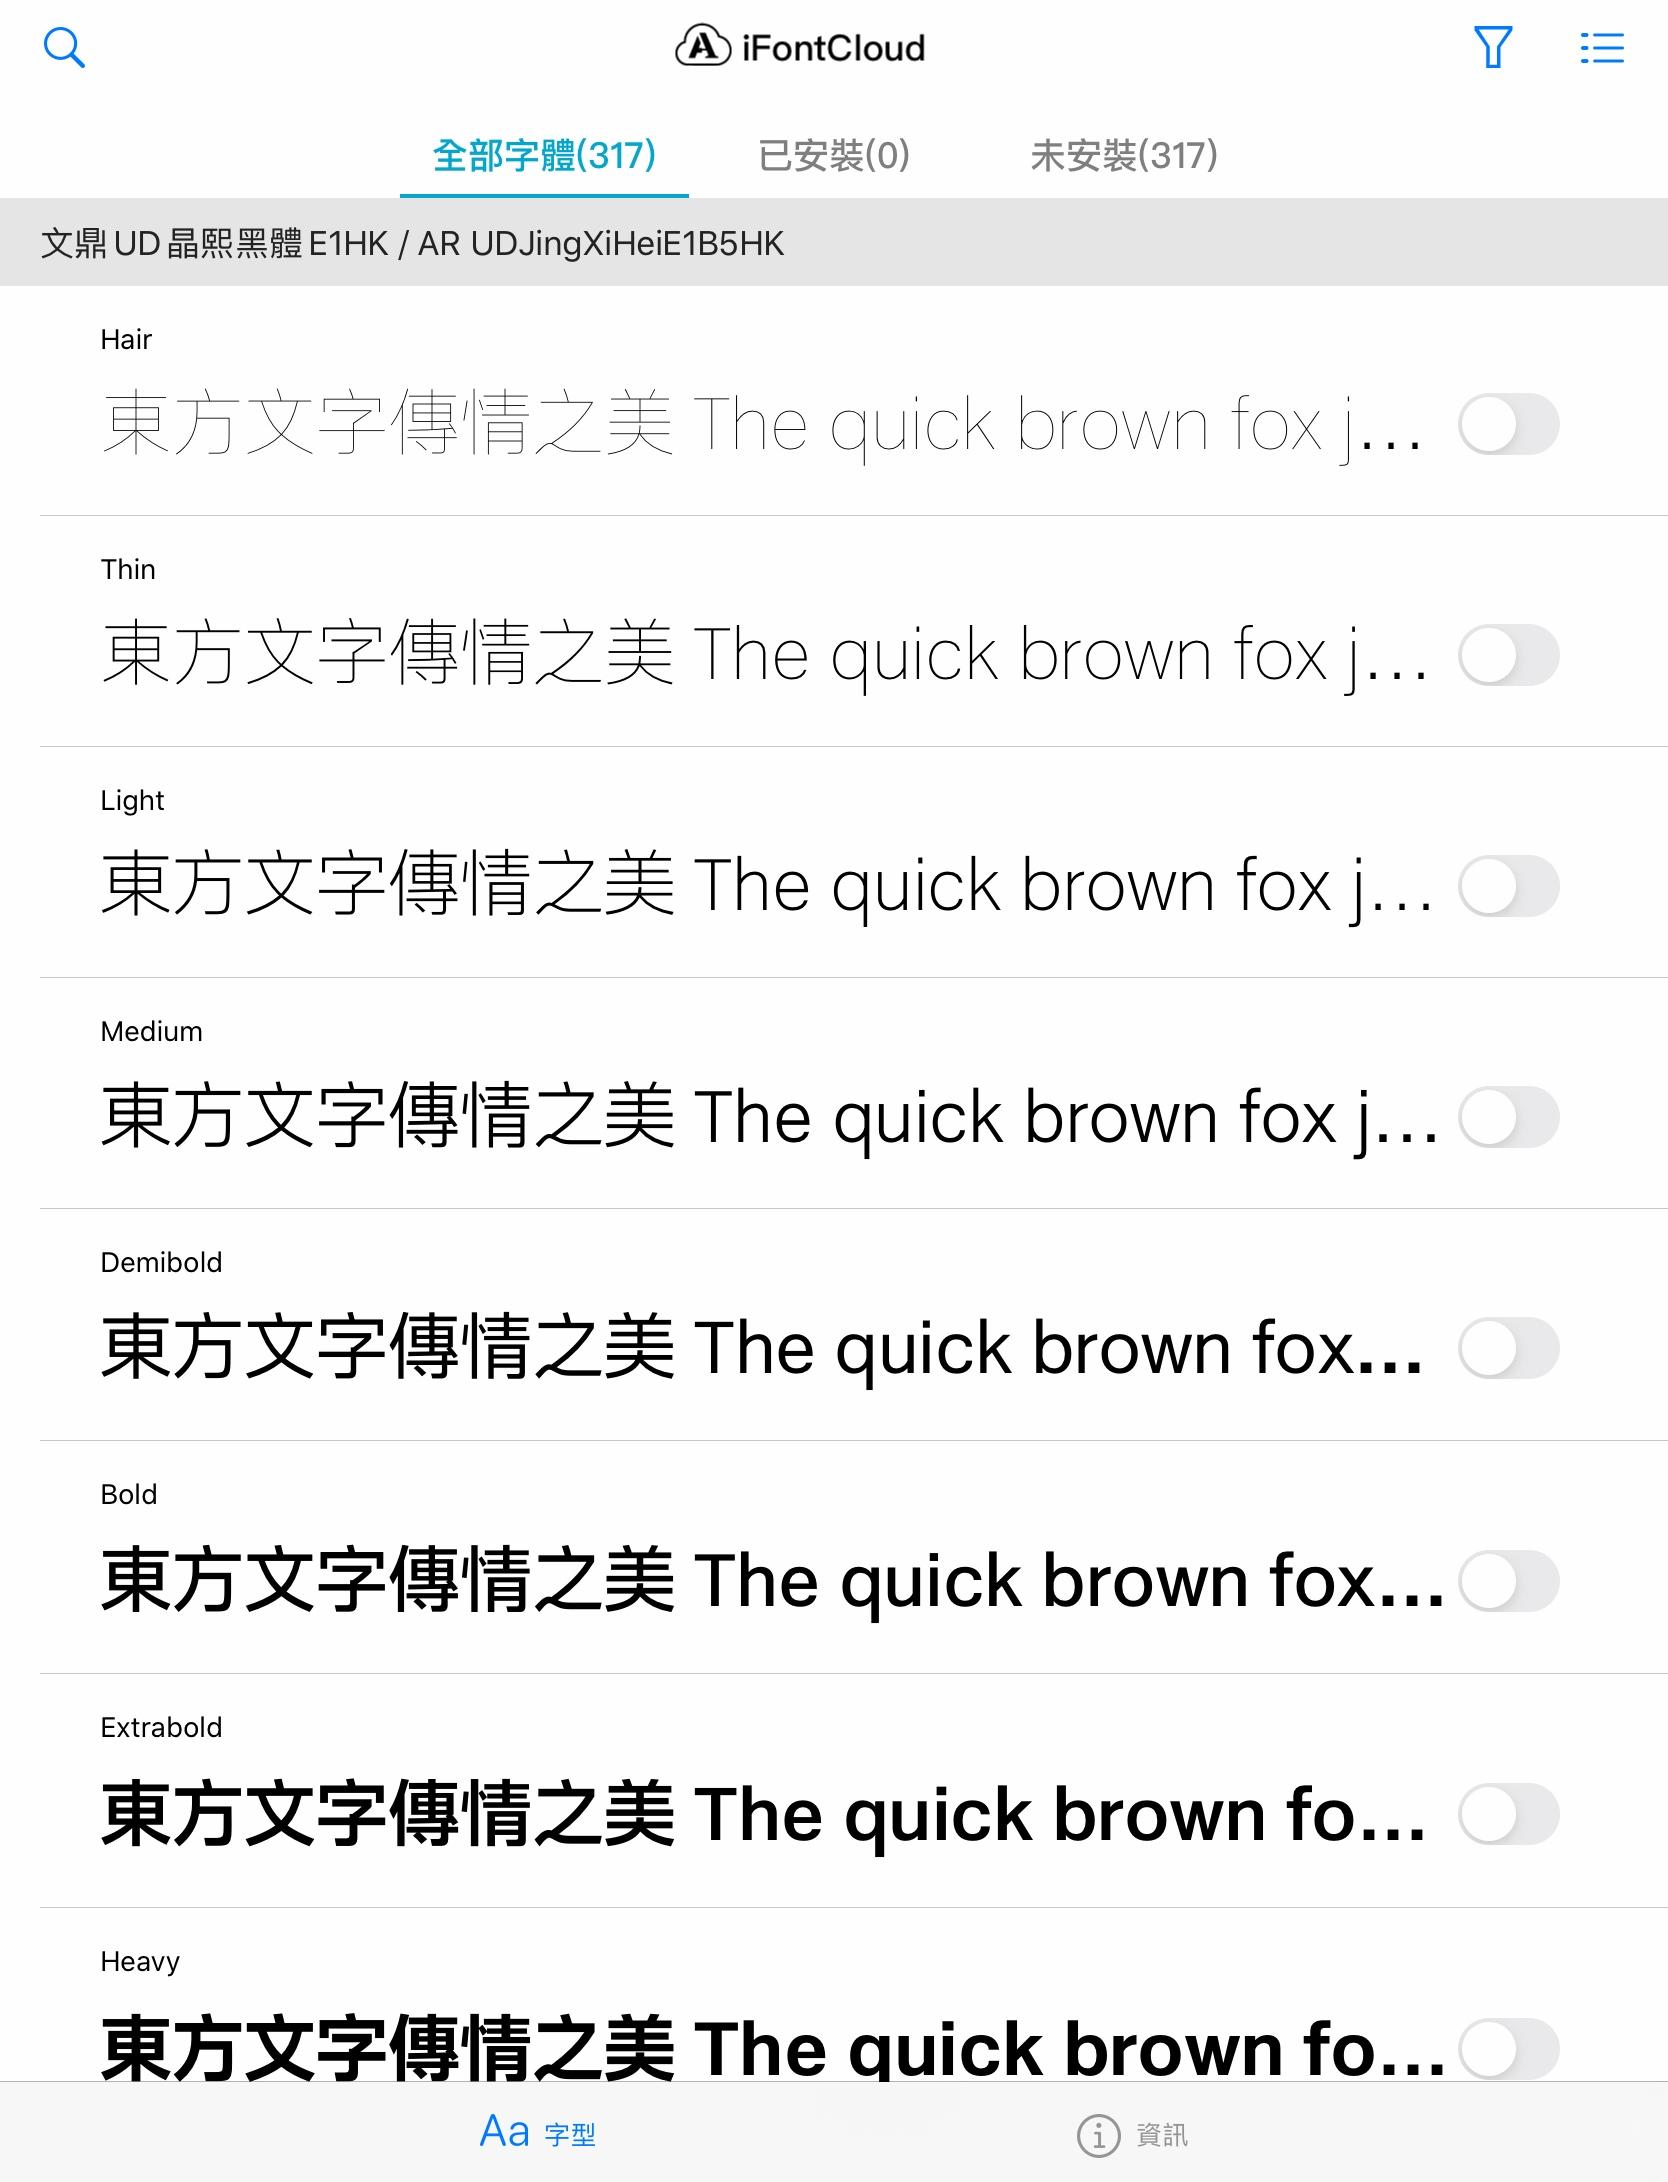 搶先體驗iPad版「iFontCloud 」APP